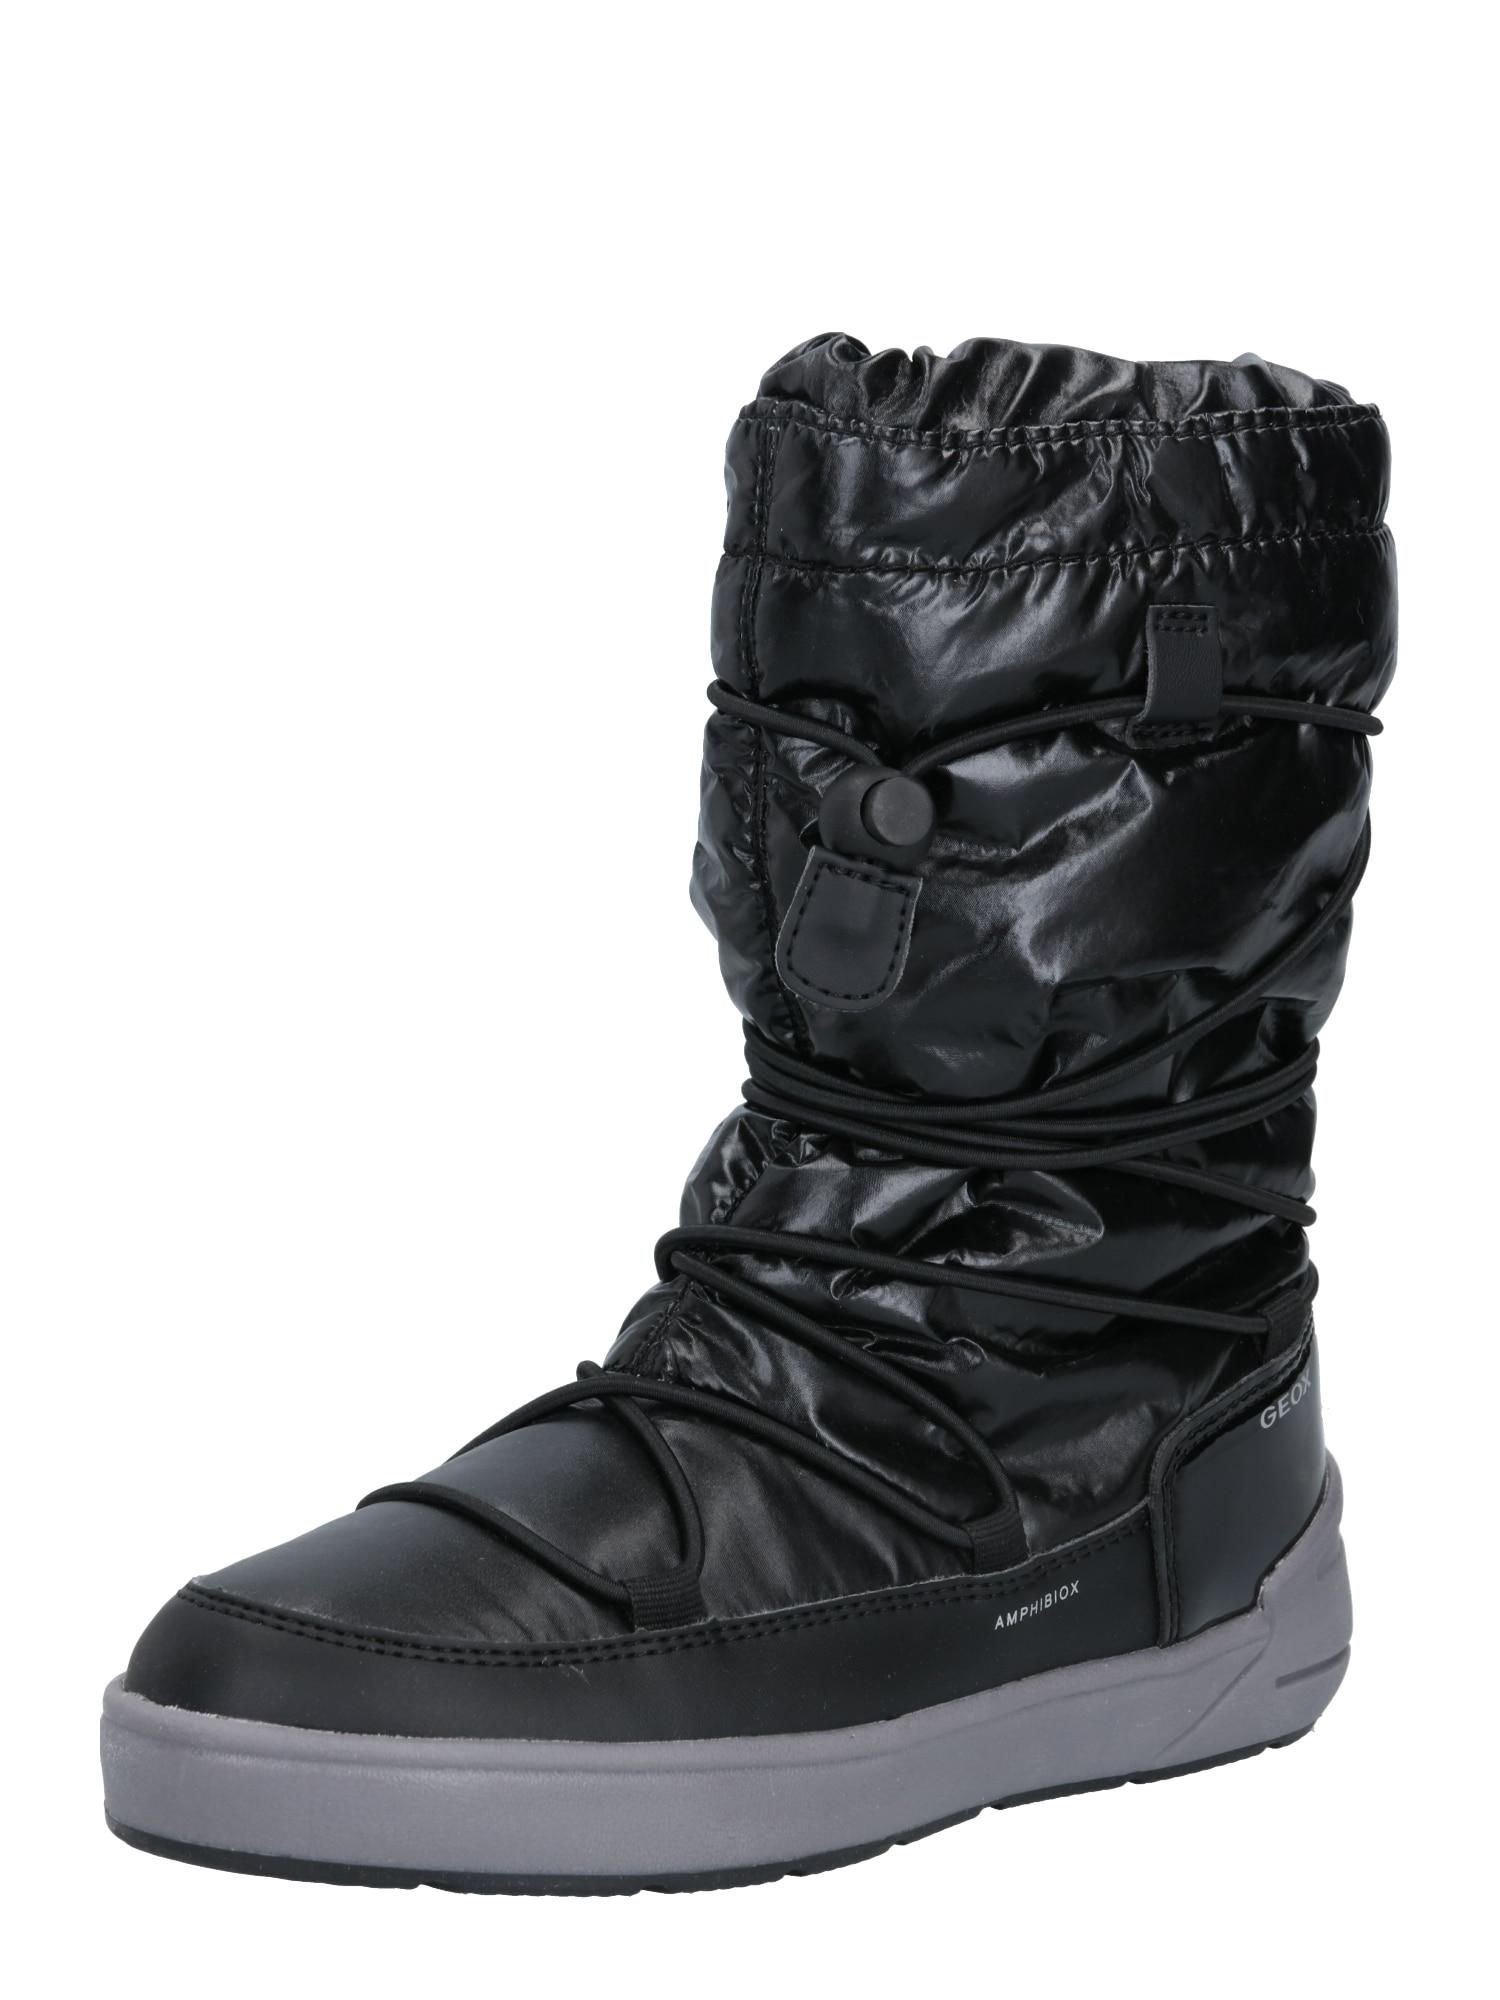 GEOX Auliniai batai su kulniuku 'Sleigh' juoda